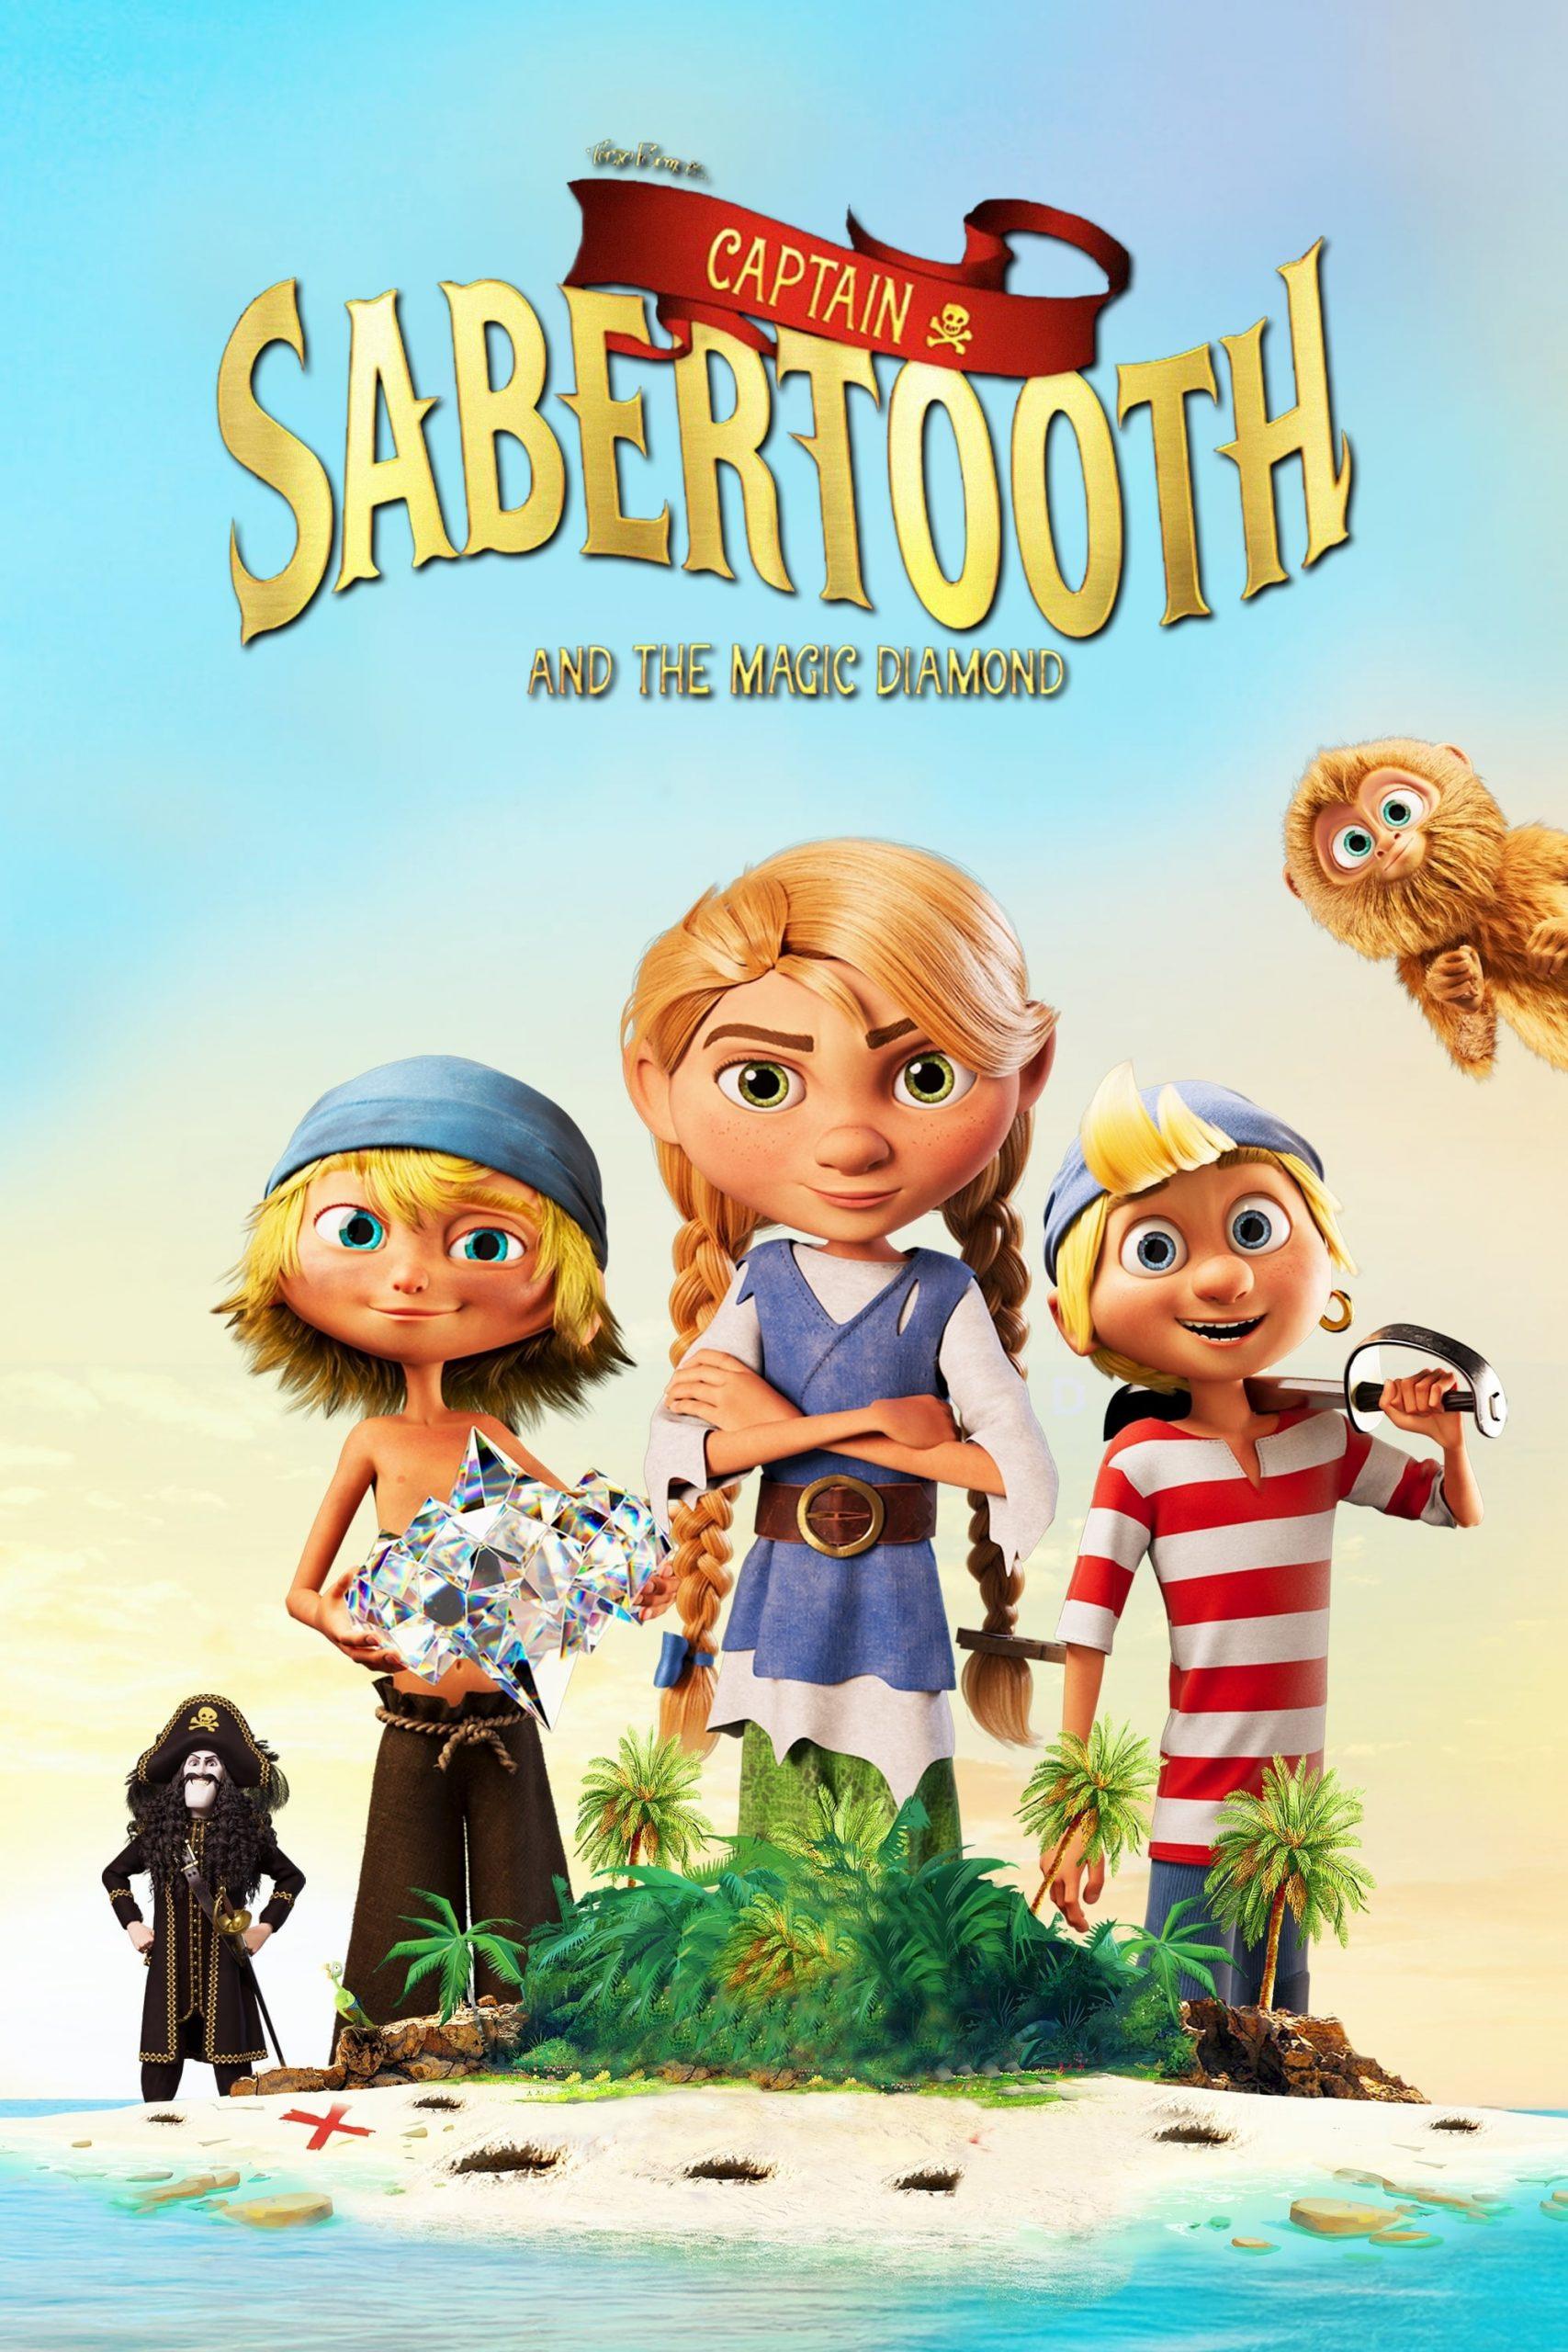 دانلود انیمیشن Captain Sabertooth and the Magical Diamond 2019 با دوبله فارسی